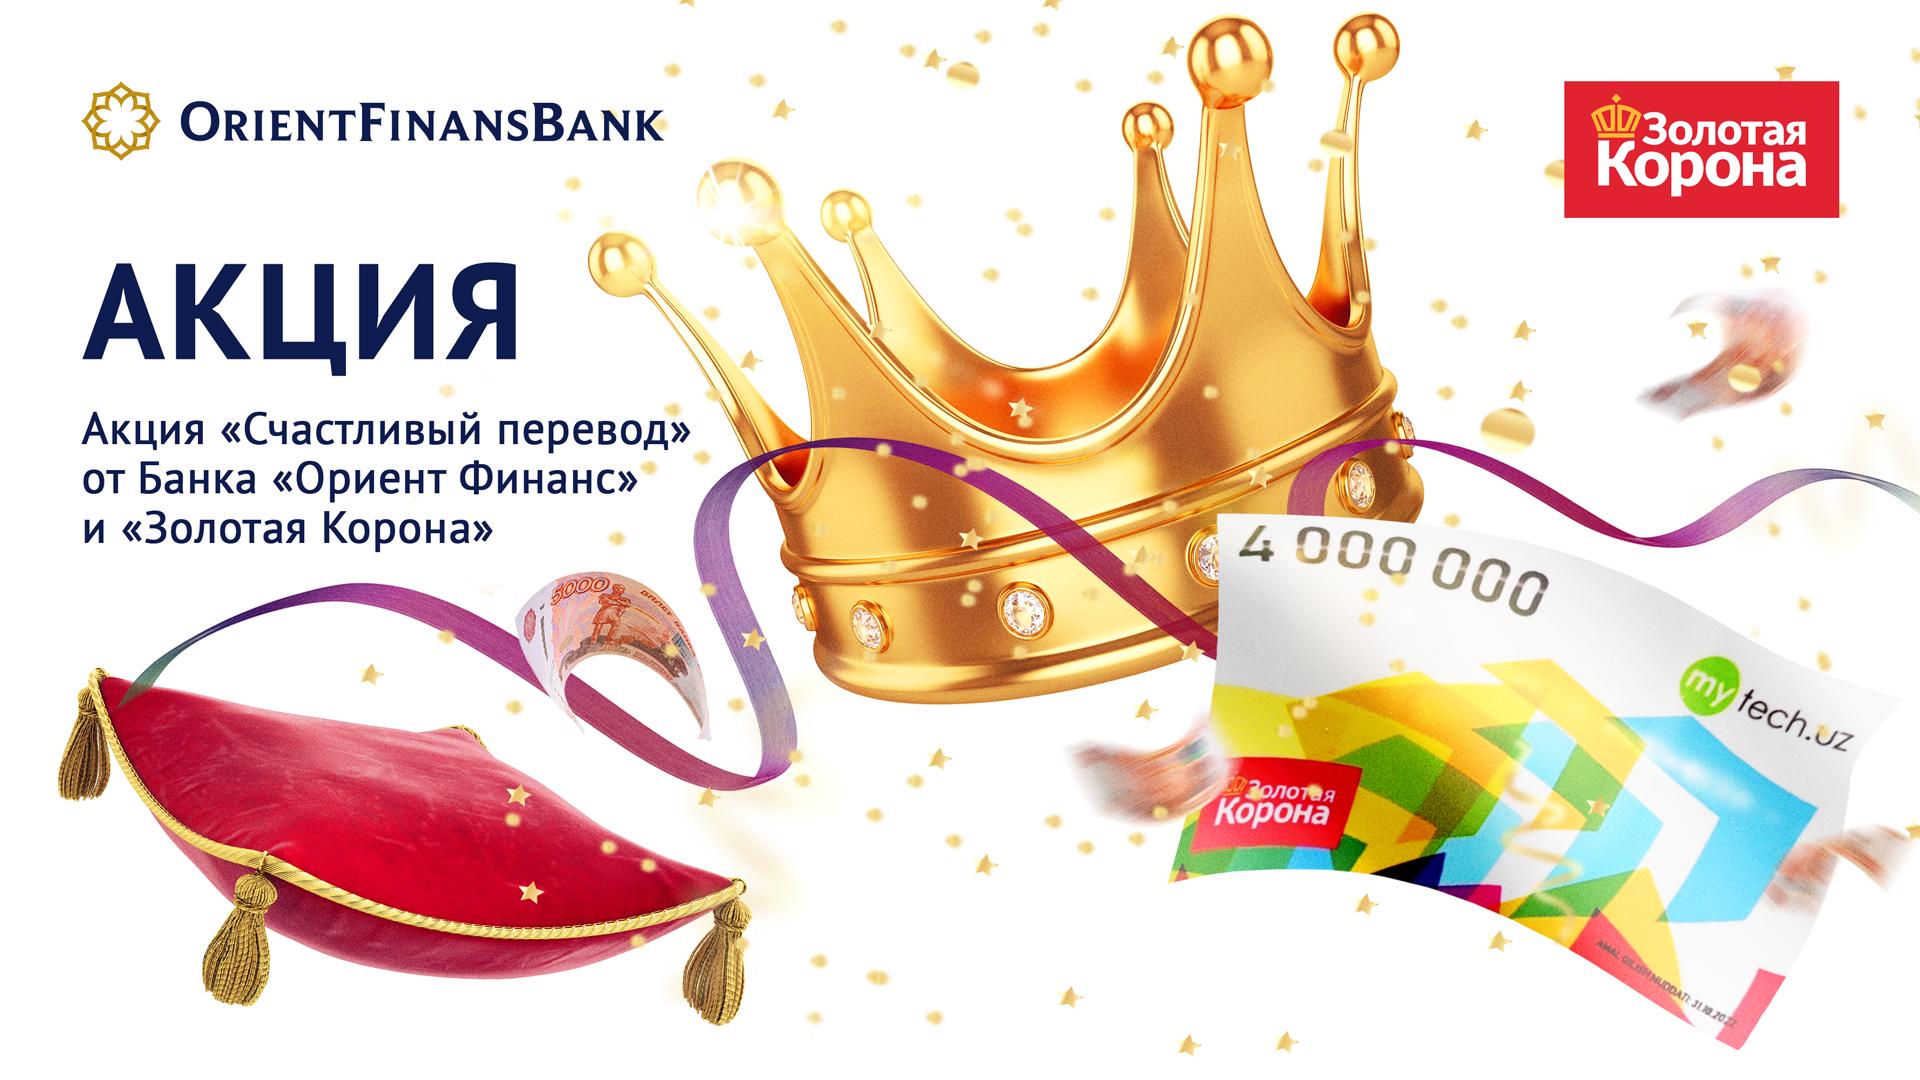 «Ориент Финанс» и «Золотая корона» разыгрывают сертификаты по четыре миллиона сумов